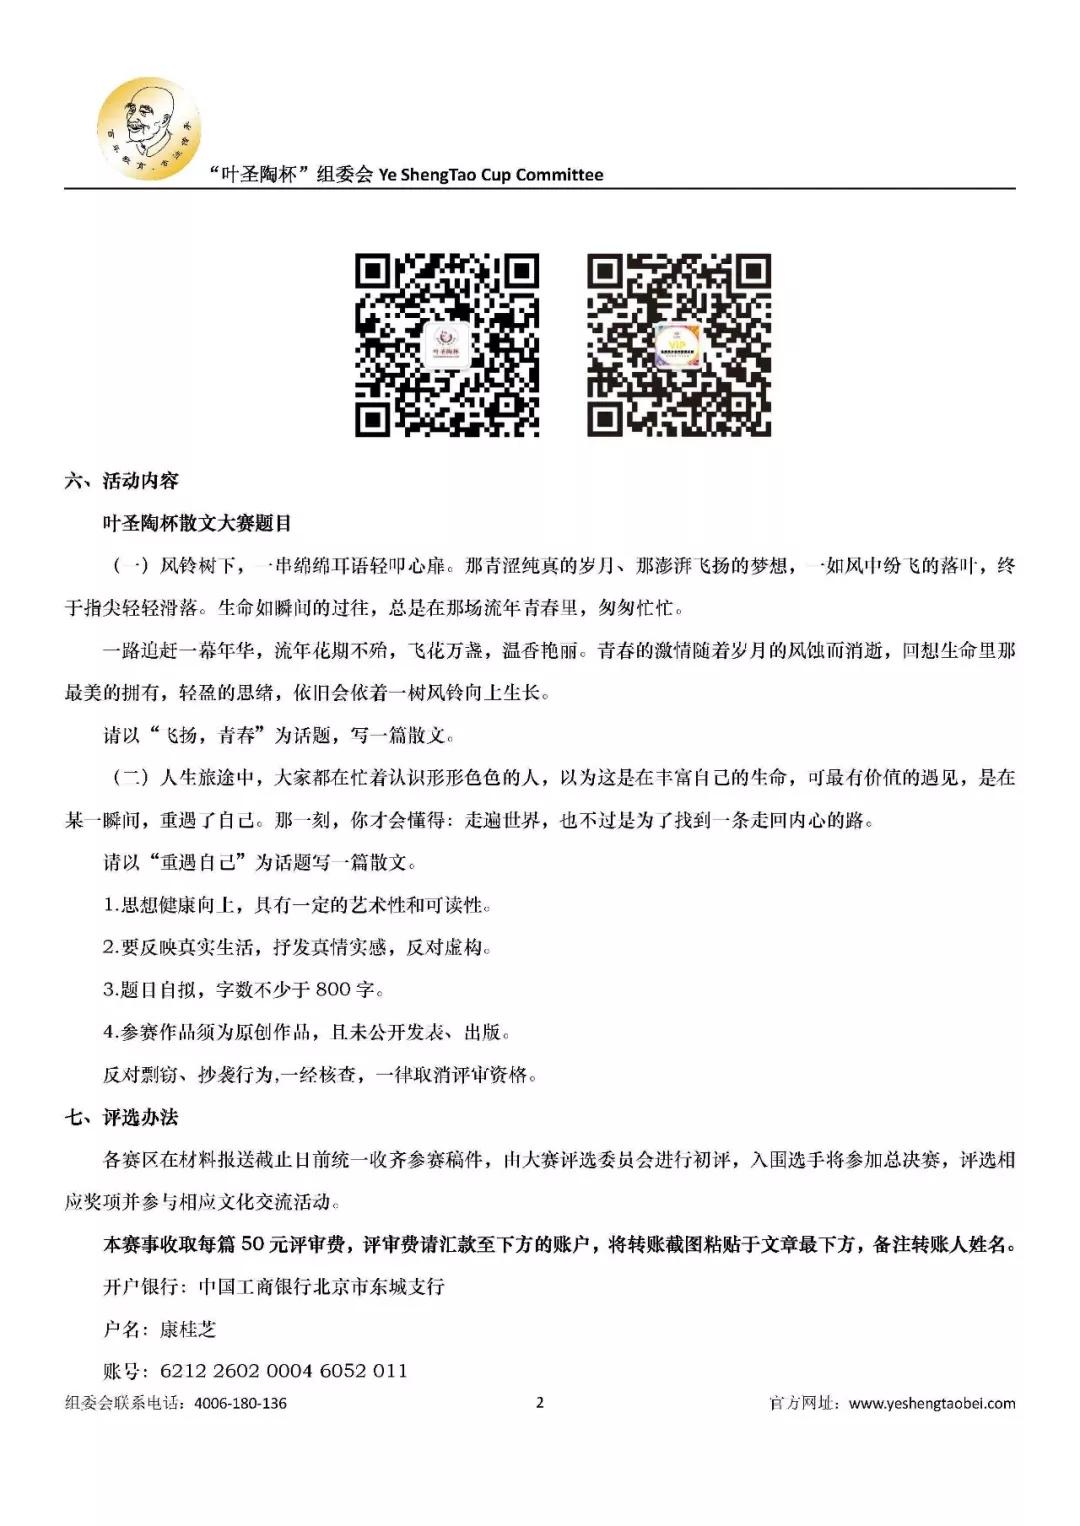 """第四屆""""葉圣陶杯?風鈴獎""""全國青少年散文大賽征稿啟事!"""